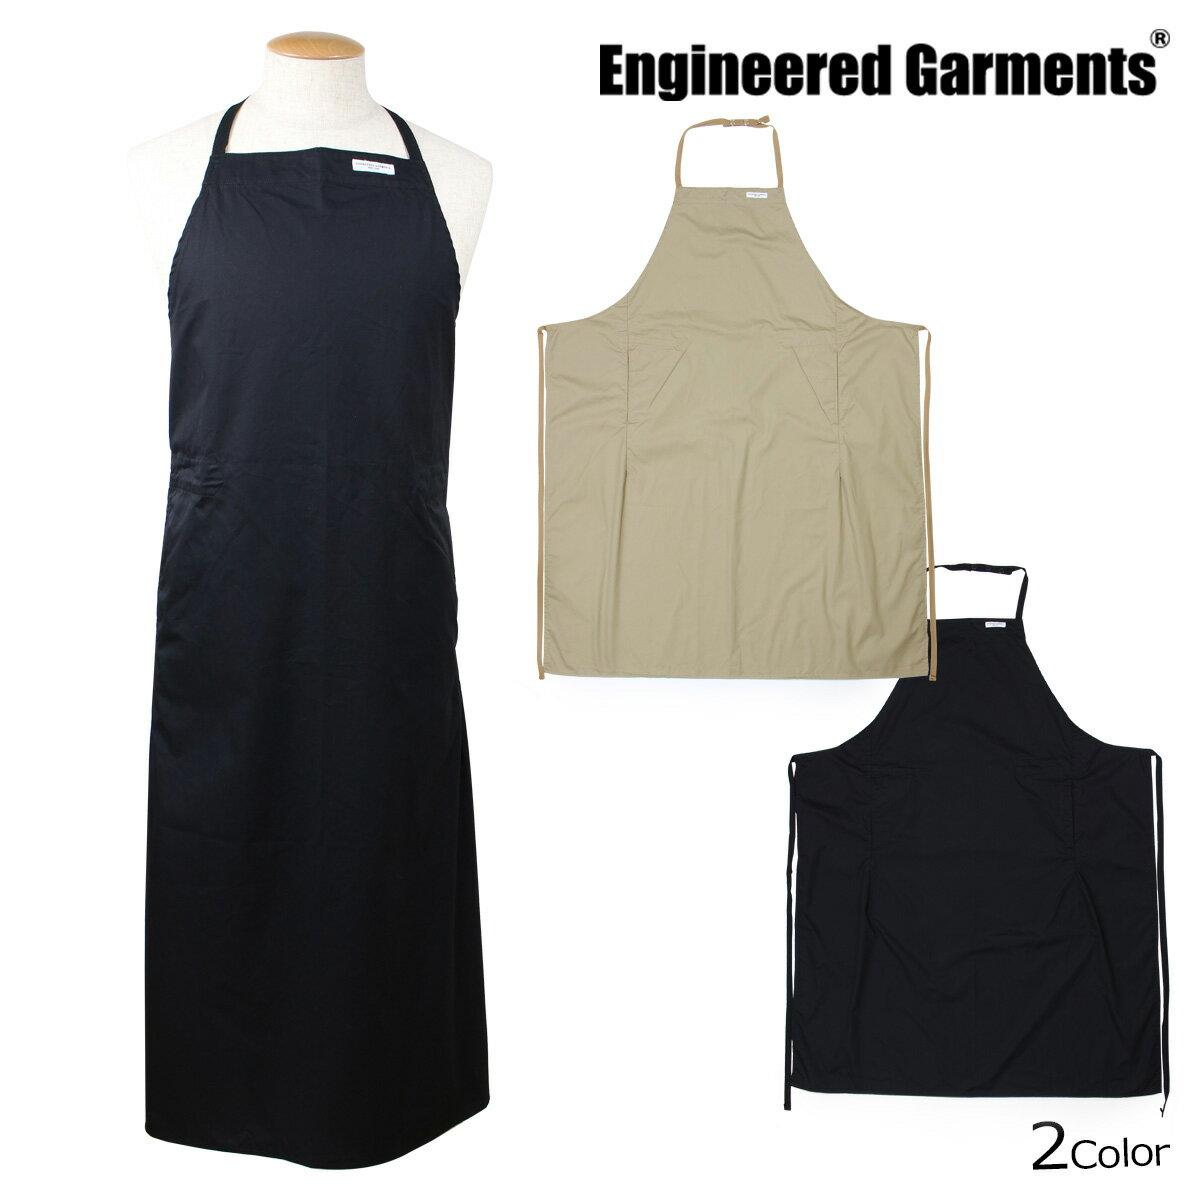 ENGINEERED GARMENTS エンジニアドガーメンツ エプロン 大きいサイズ レディース メンズ NEW LONG APRON ブラック 黒 カーキ